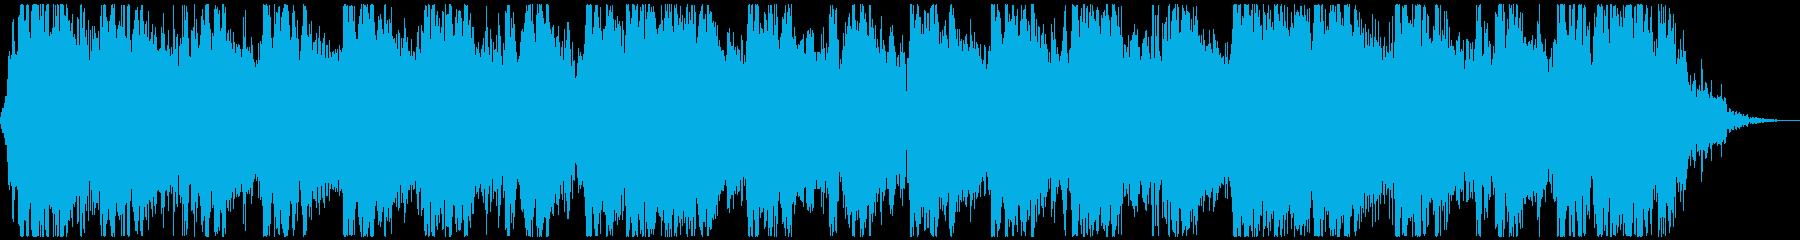 【30秒】スポーツに最適☆情熱的なロックの再生済みの波形